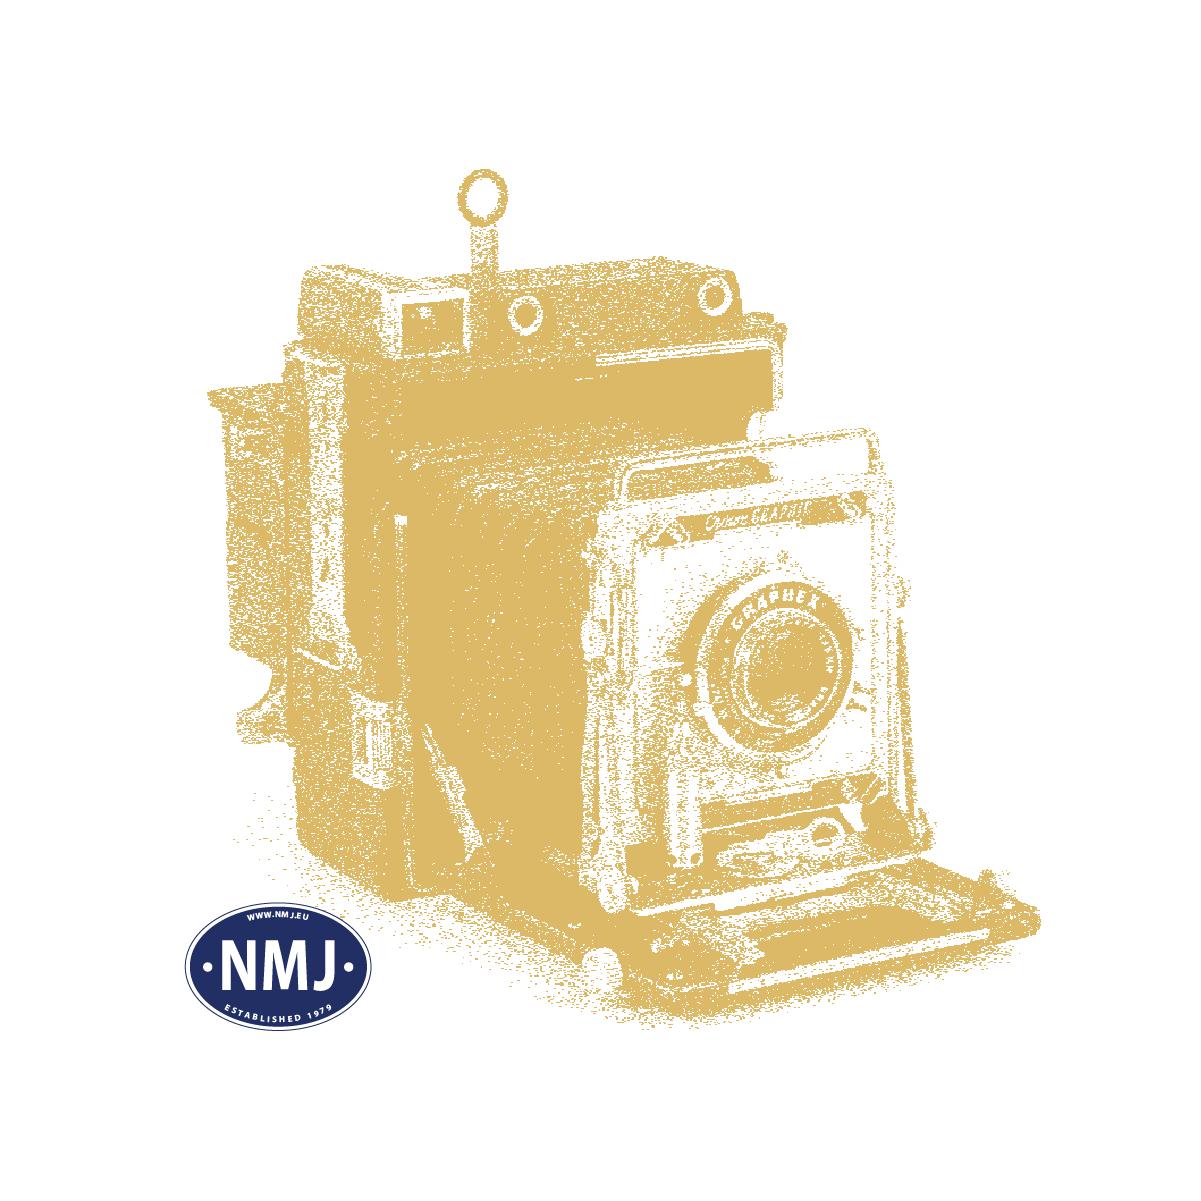 NMJT145301 - NMJ Topline CFL 1601, 0-Skala